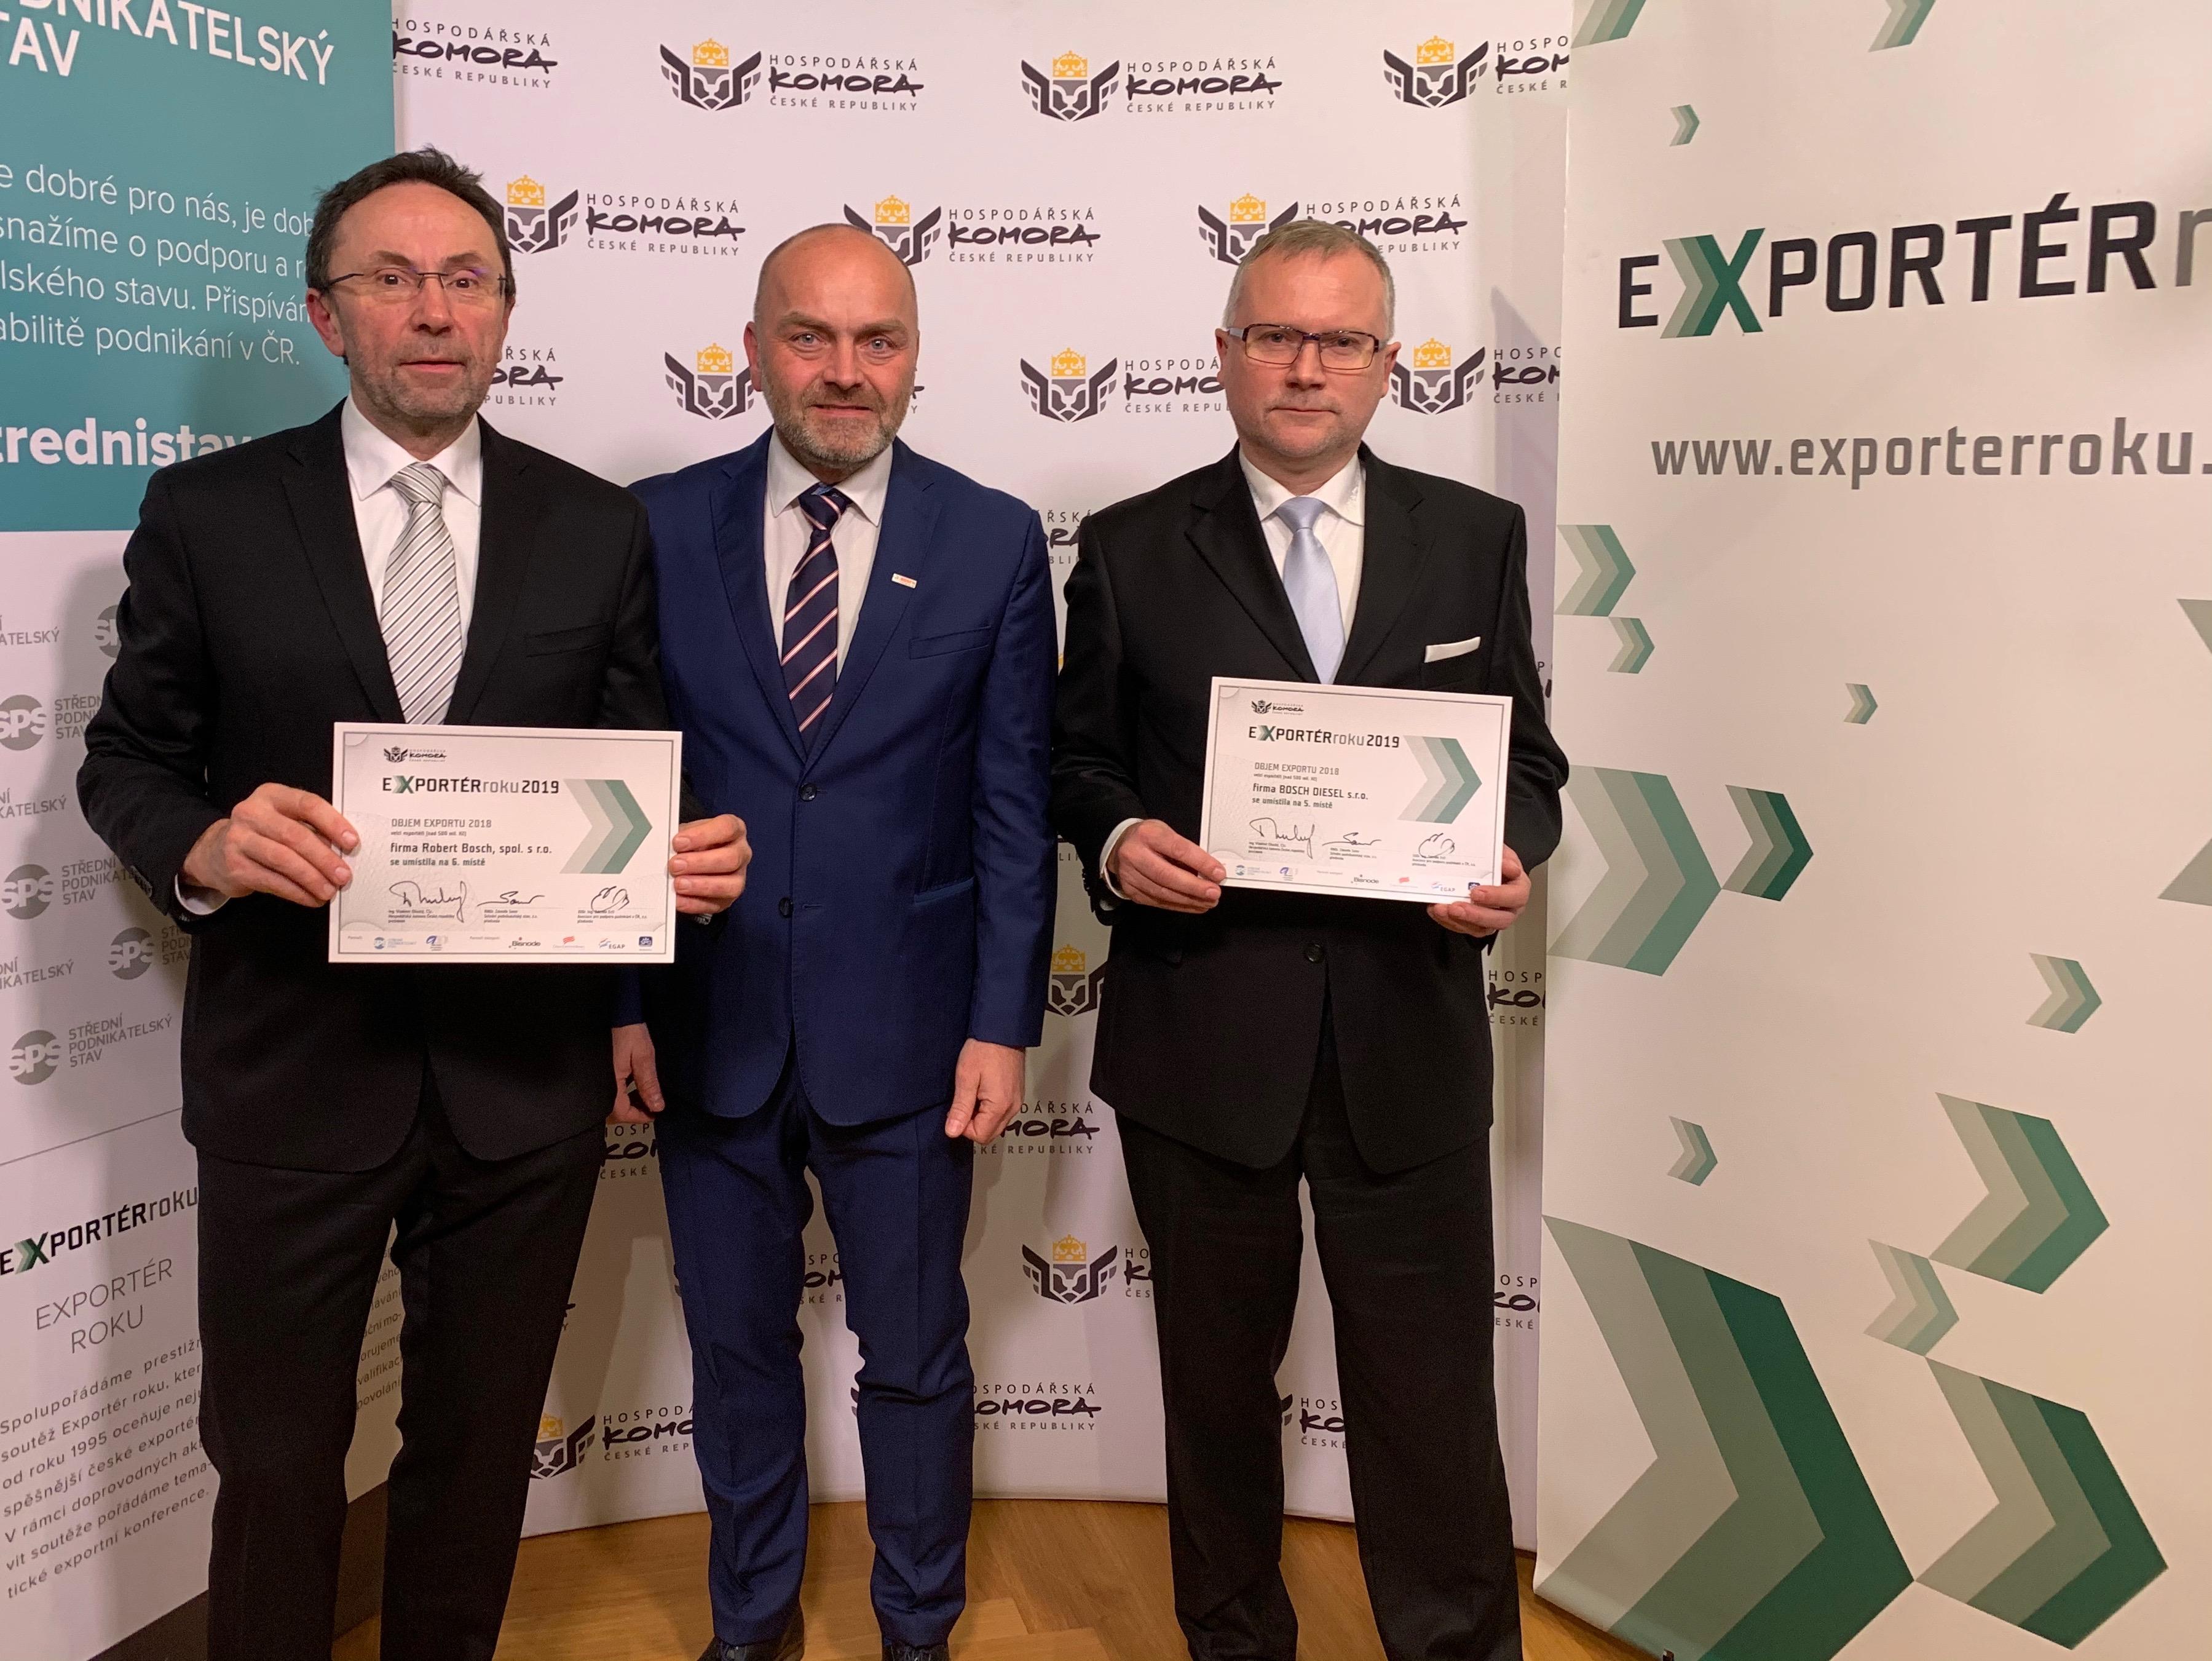 """Ocenění """"Exportér roku 2019"""" v kategorii """"Objem exportu 2018"""" převzali (zleva): Václav Pixa, Milan Šlachta, Petr Novotný"""